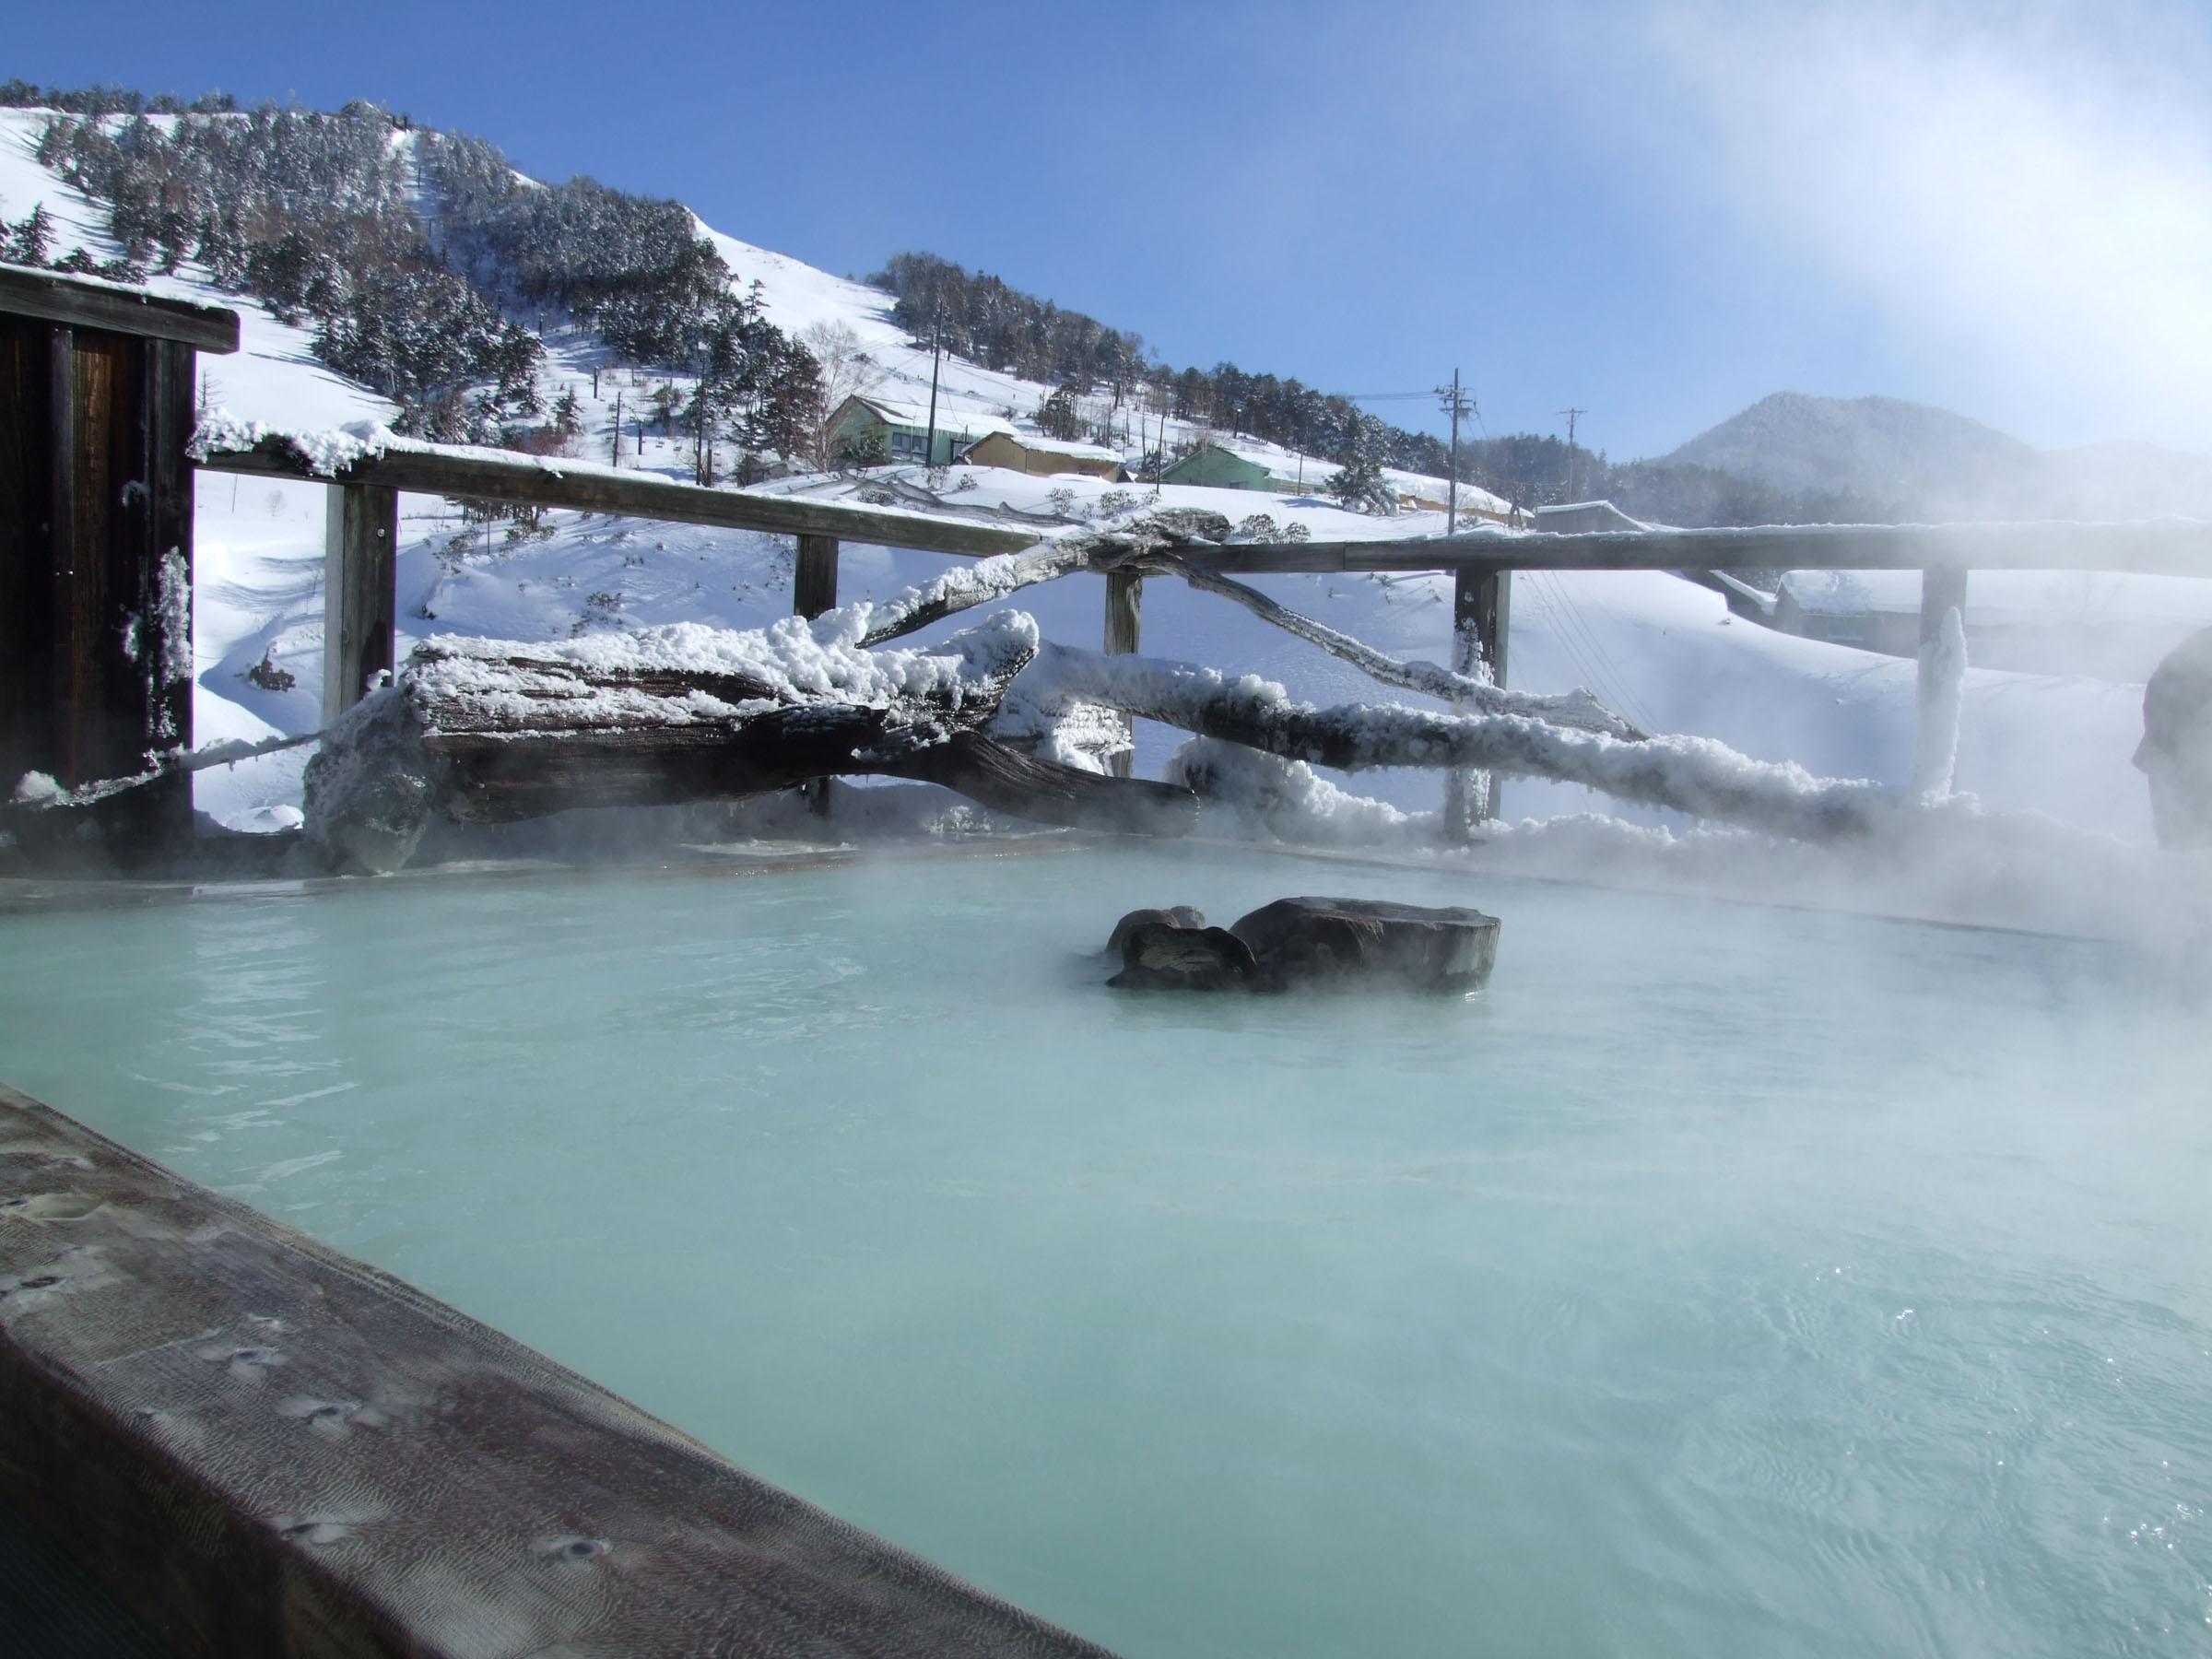 万座温泉 スキーと温泉、どちらも満喫できてお薦め!